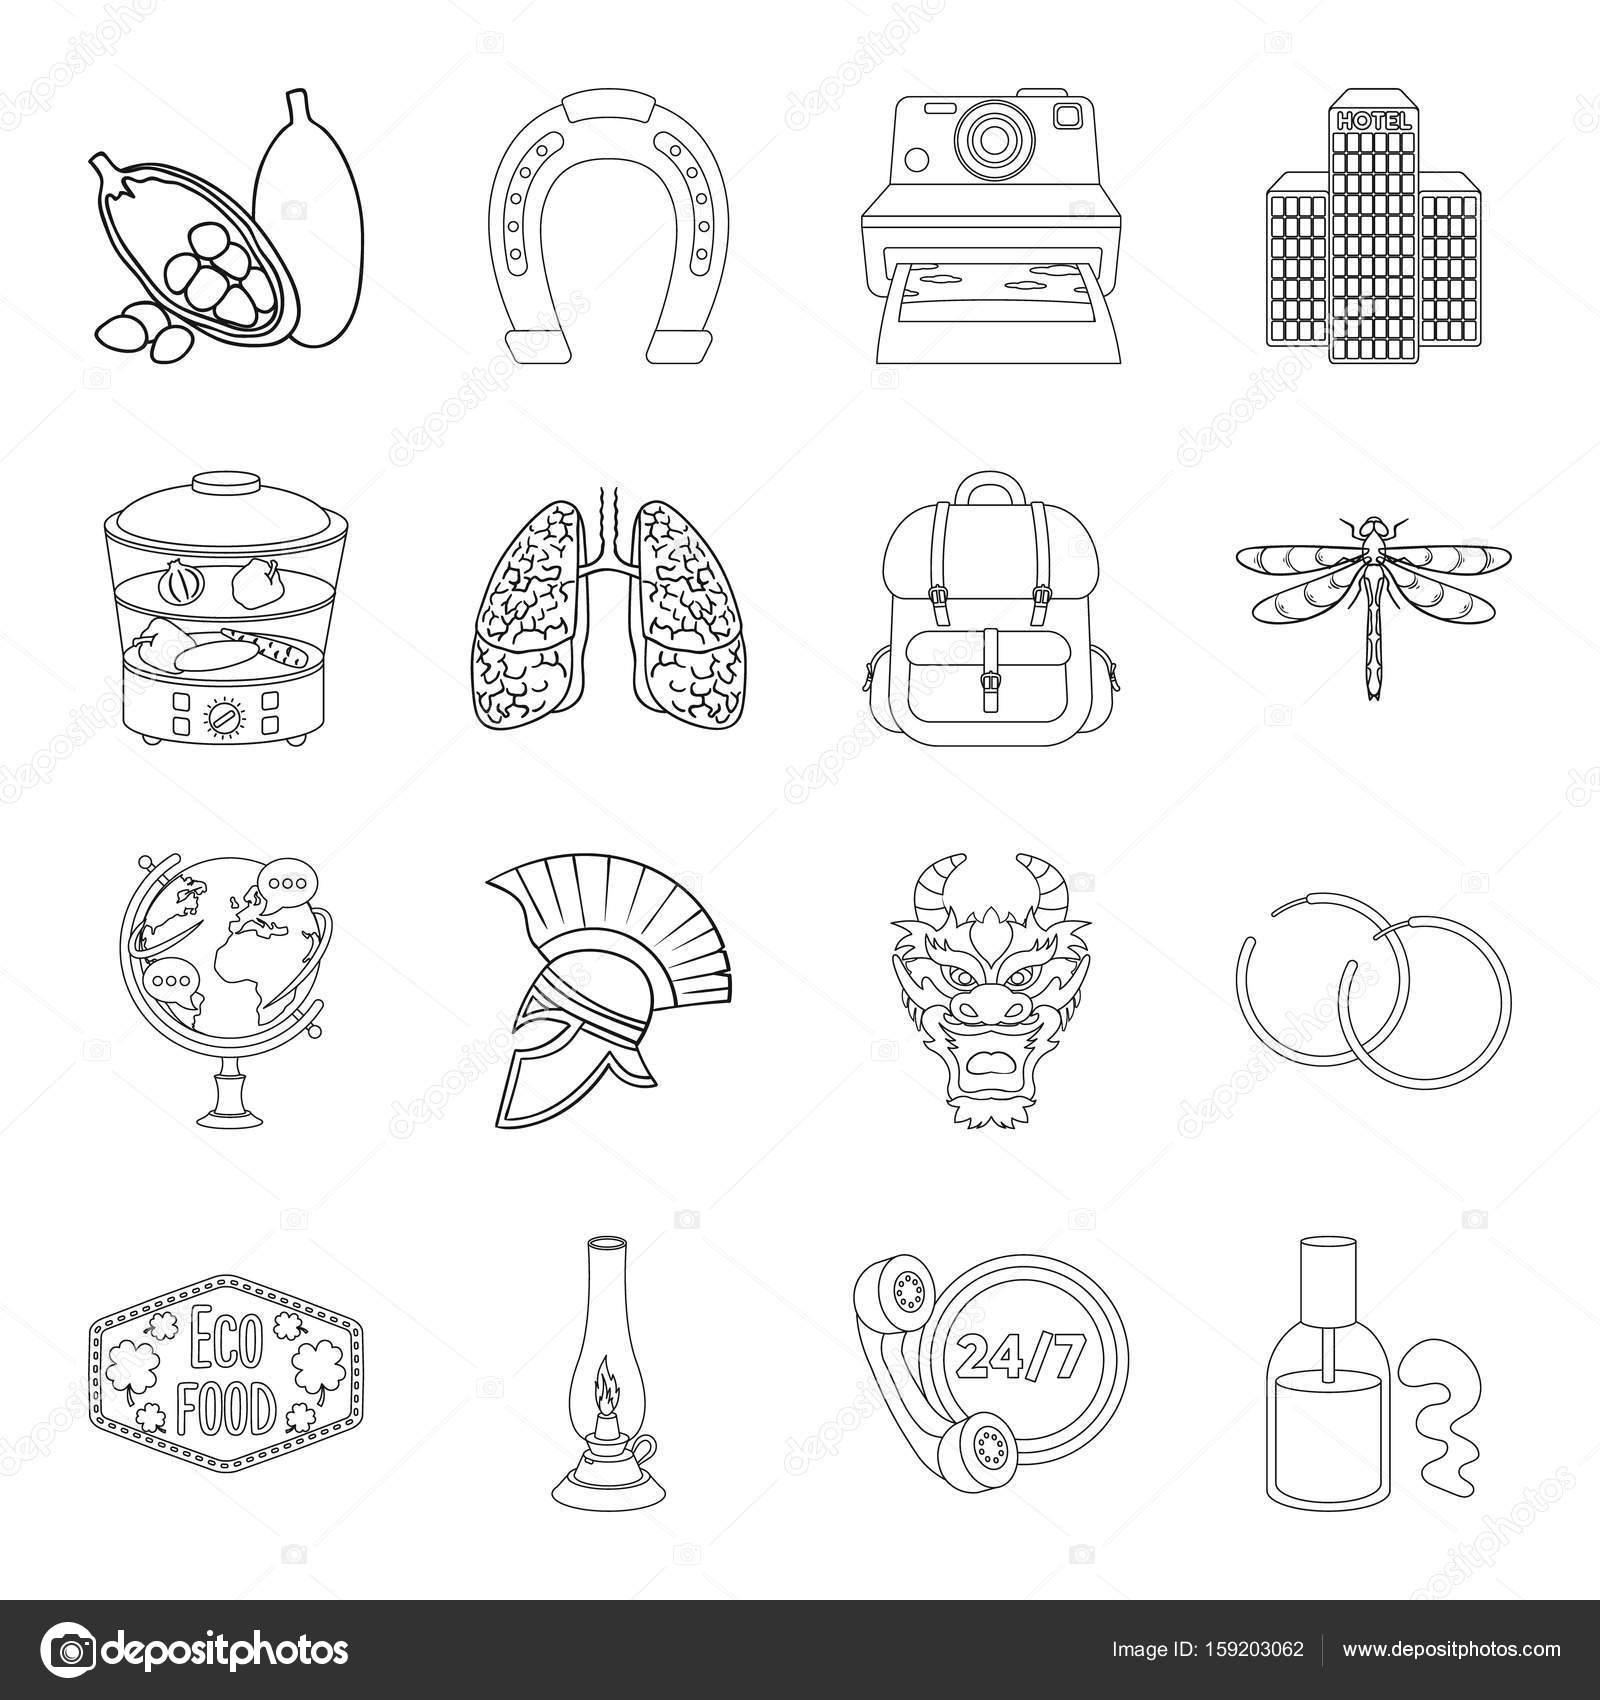 Medizin, Kochen, Reisen Und Andere Symbol Im Umriss Style.training,  Beleuchtung, Taxi Symbole Im Set Sammlung U2014 Vektor Von PandaVector